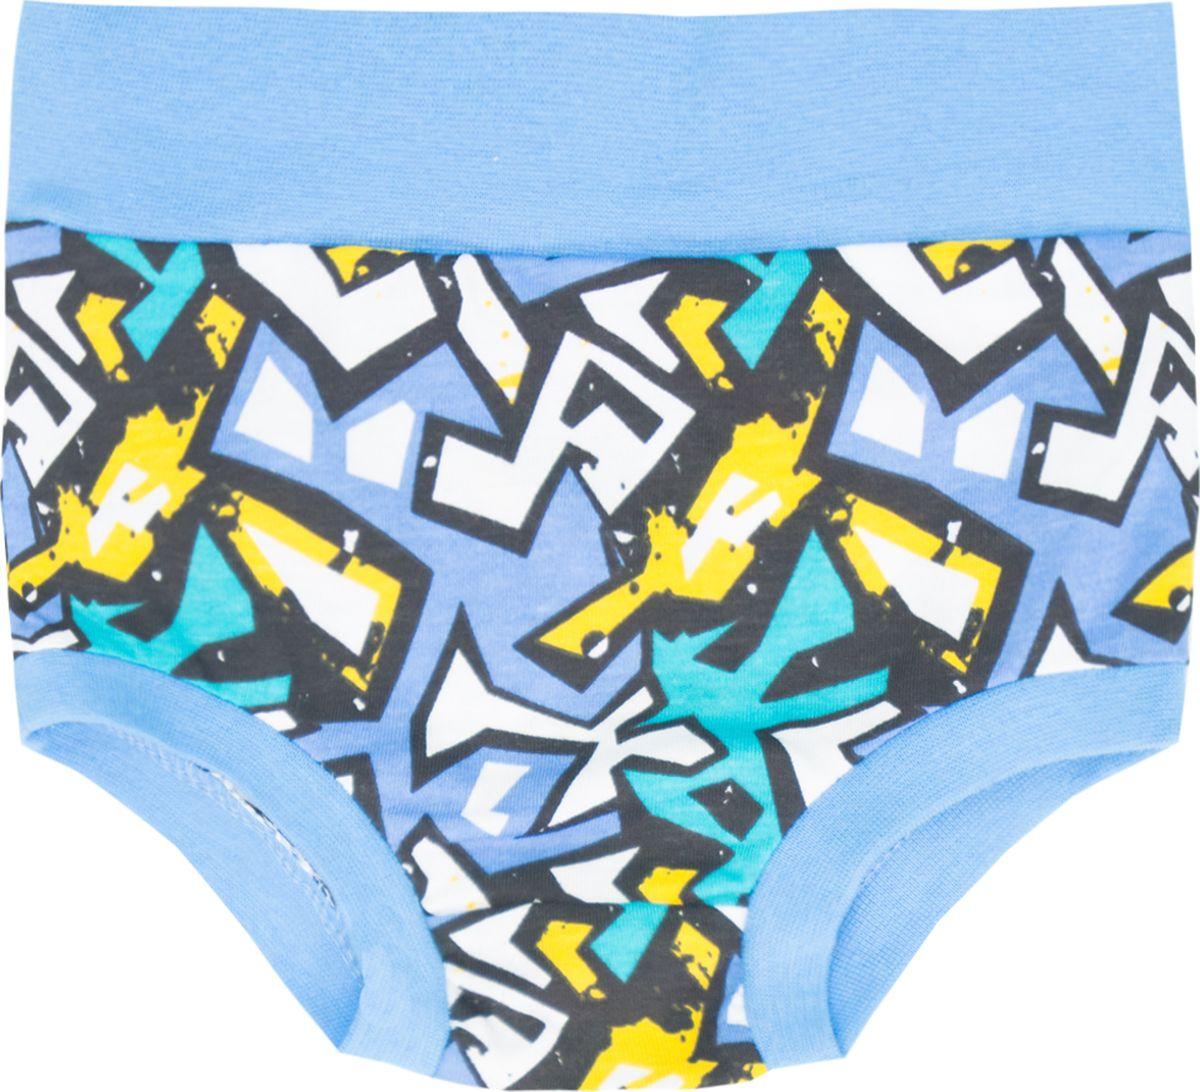 Трусы для мальчика Let's Go, цвет: голубой. 12036. Размер 68 трусы donella для мальчика цвет синий голубой